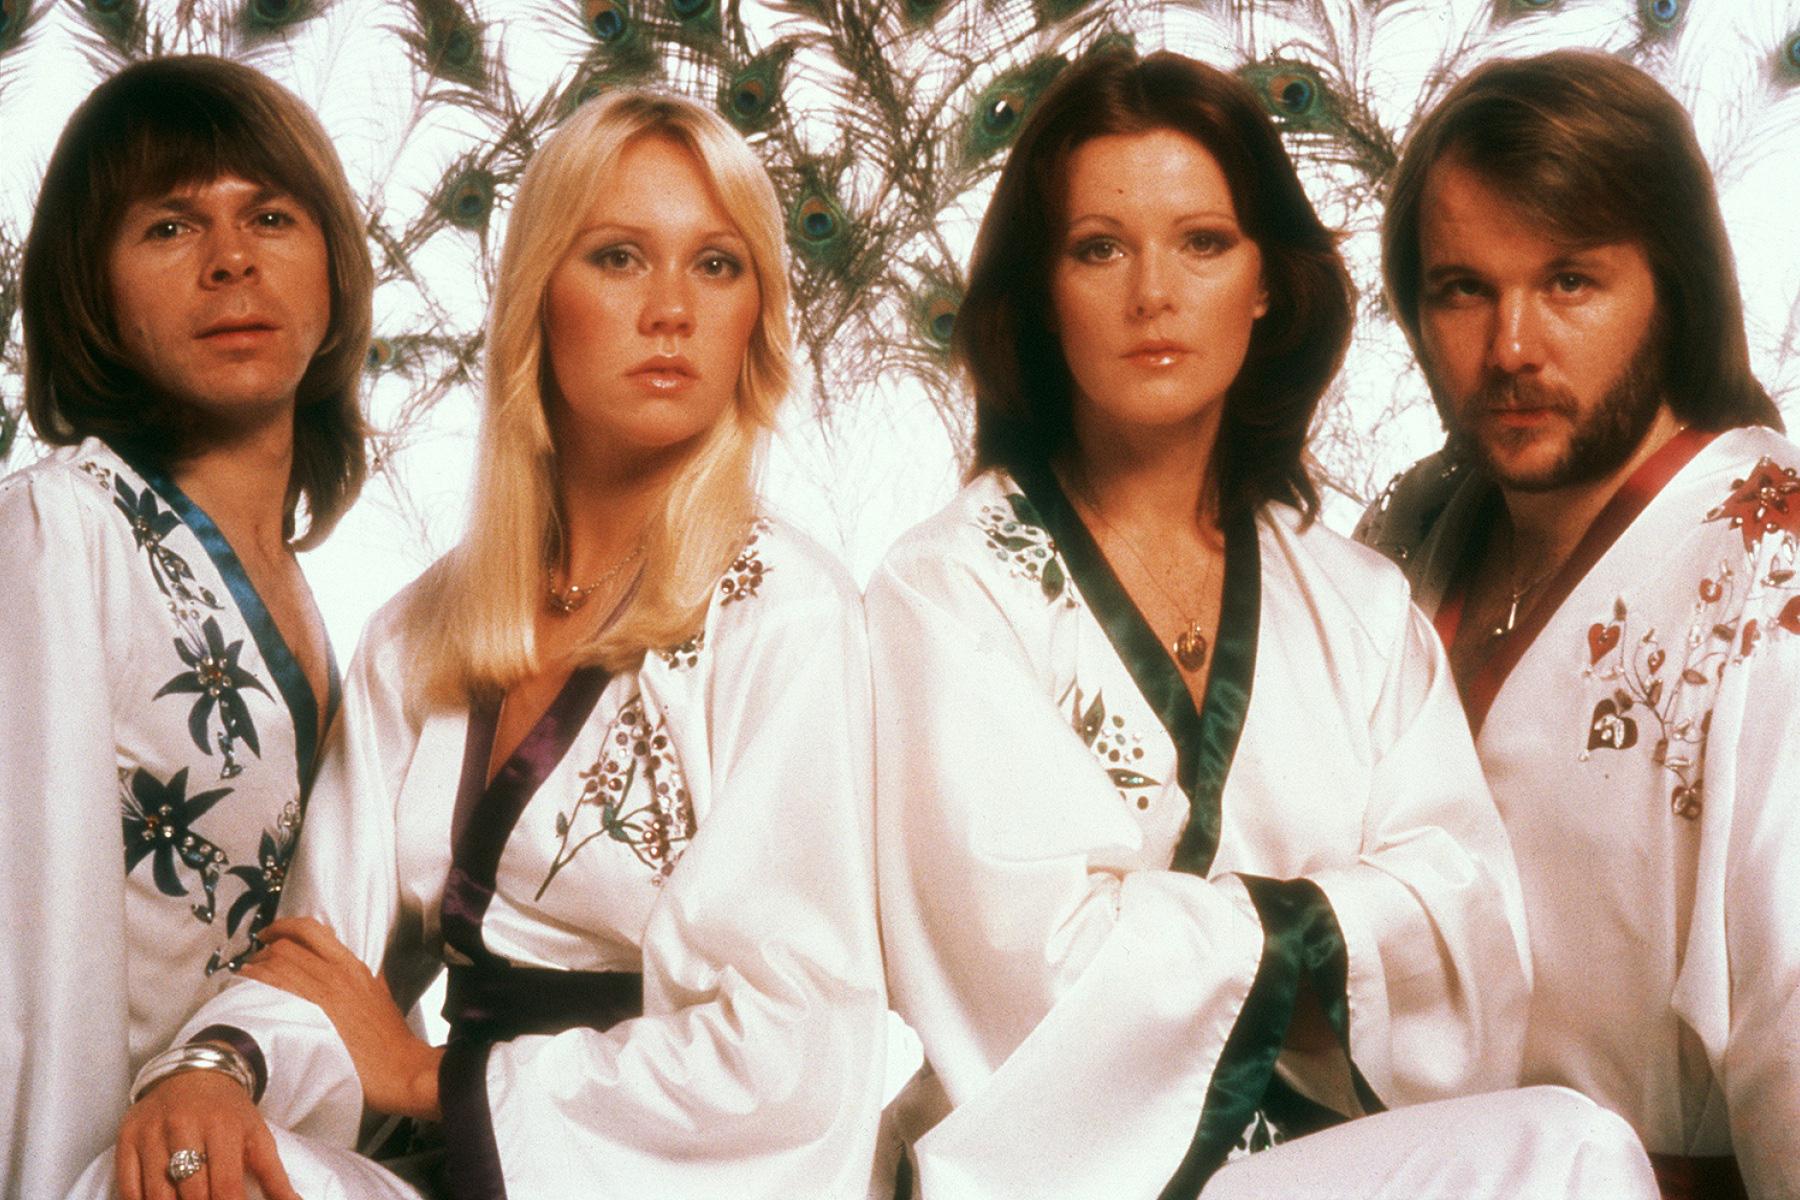 Tại sao chúng ta yêu thích ABBA đến thế? - Ảnh 1.